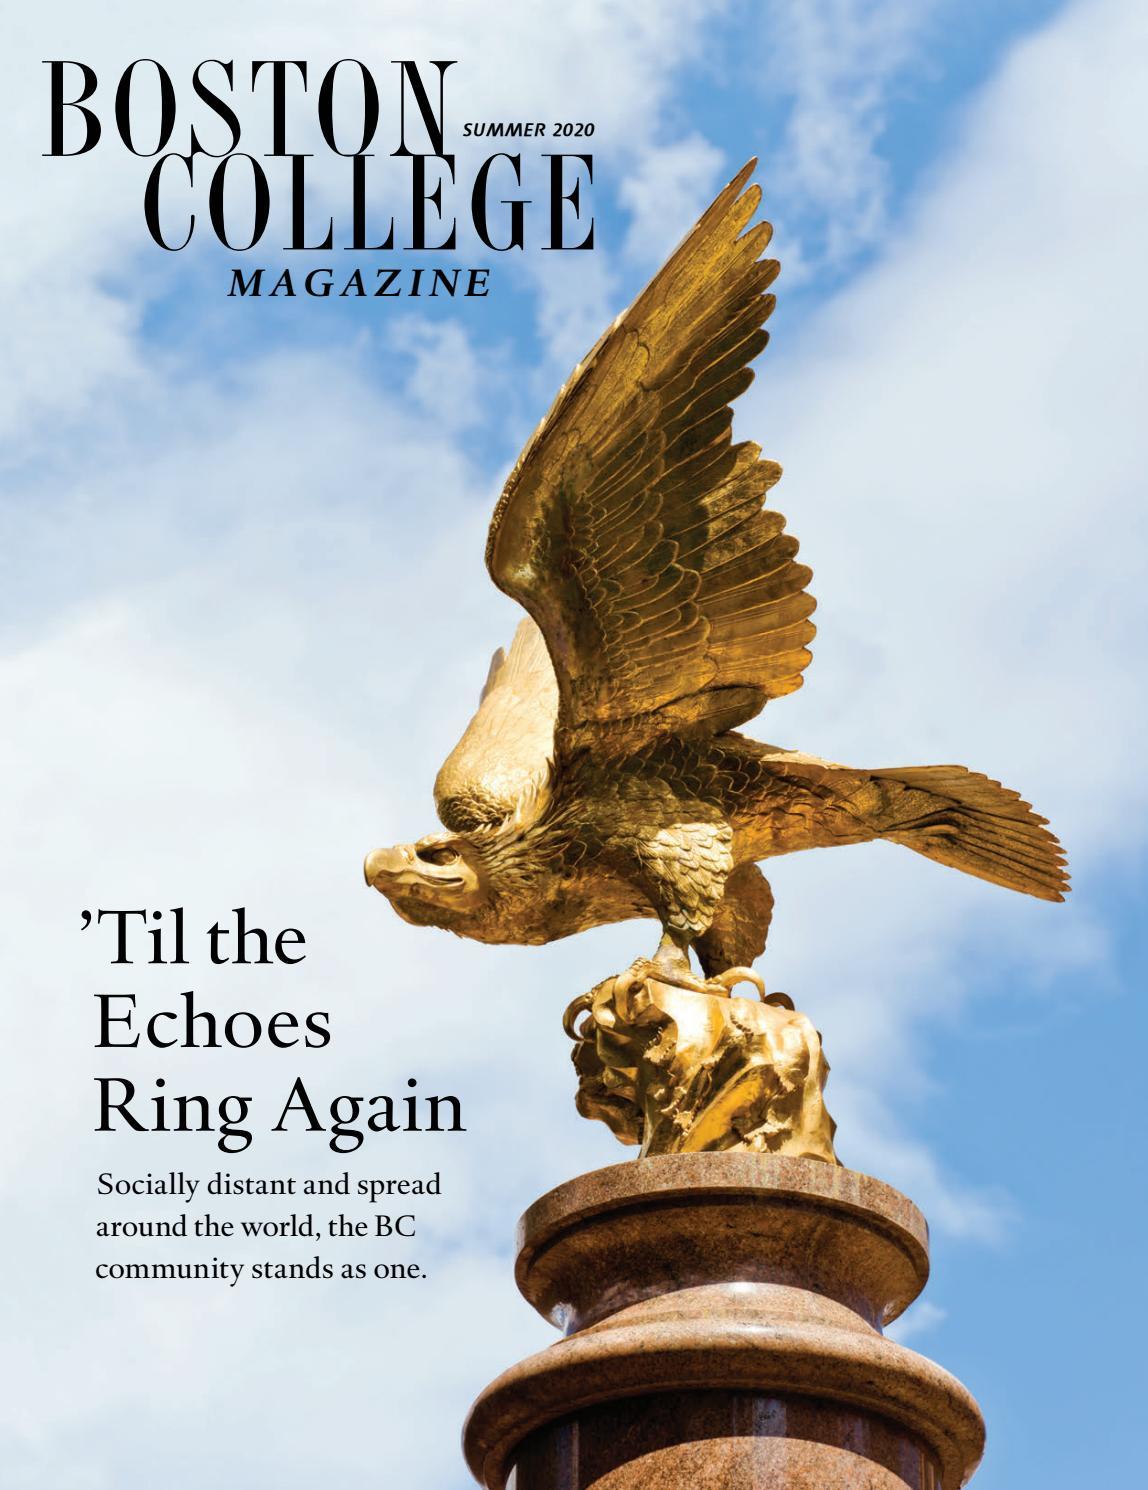 Boston College Magazine Summer 2020 By